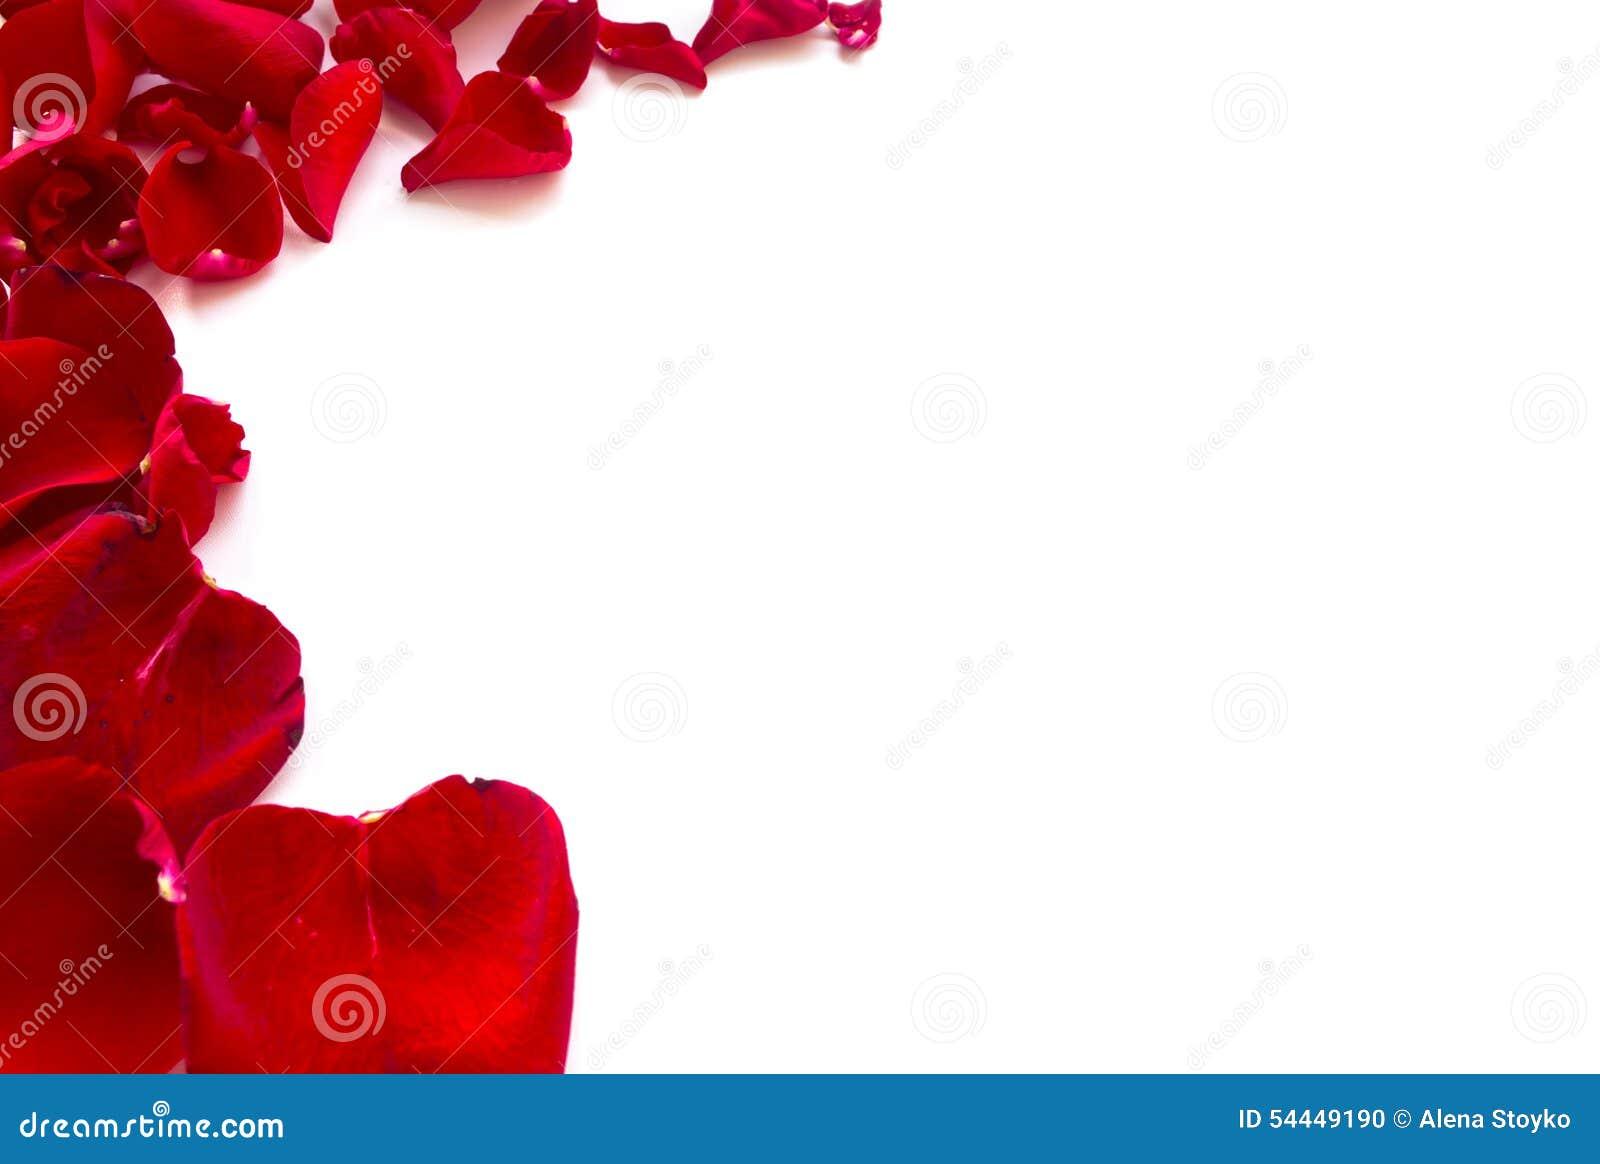 玫瑰花瓣在白色背景毗邻,隔绝.图片